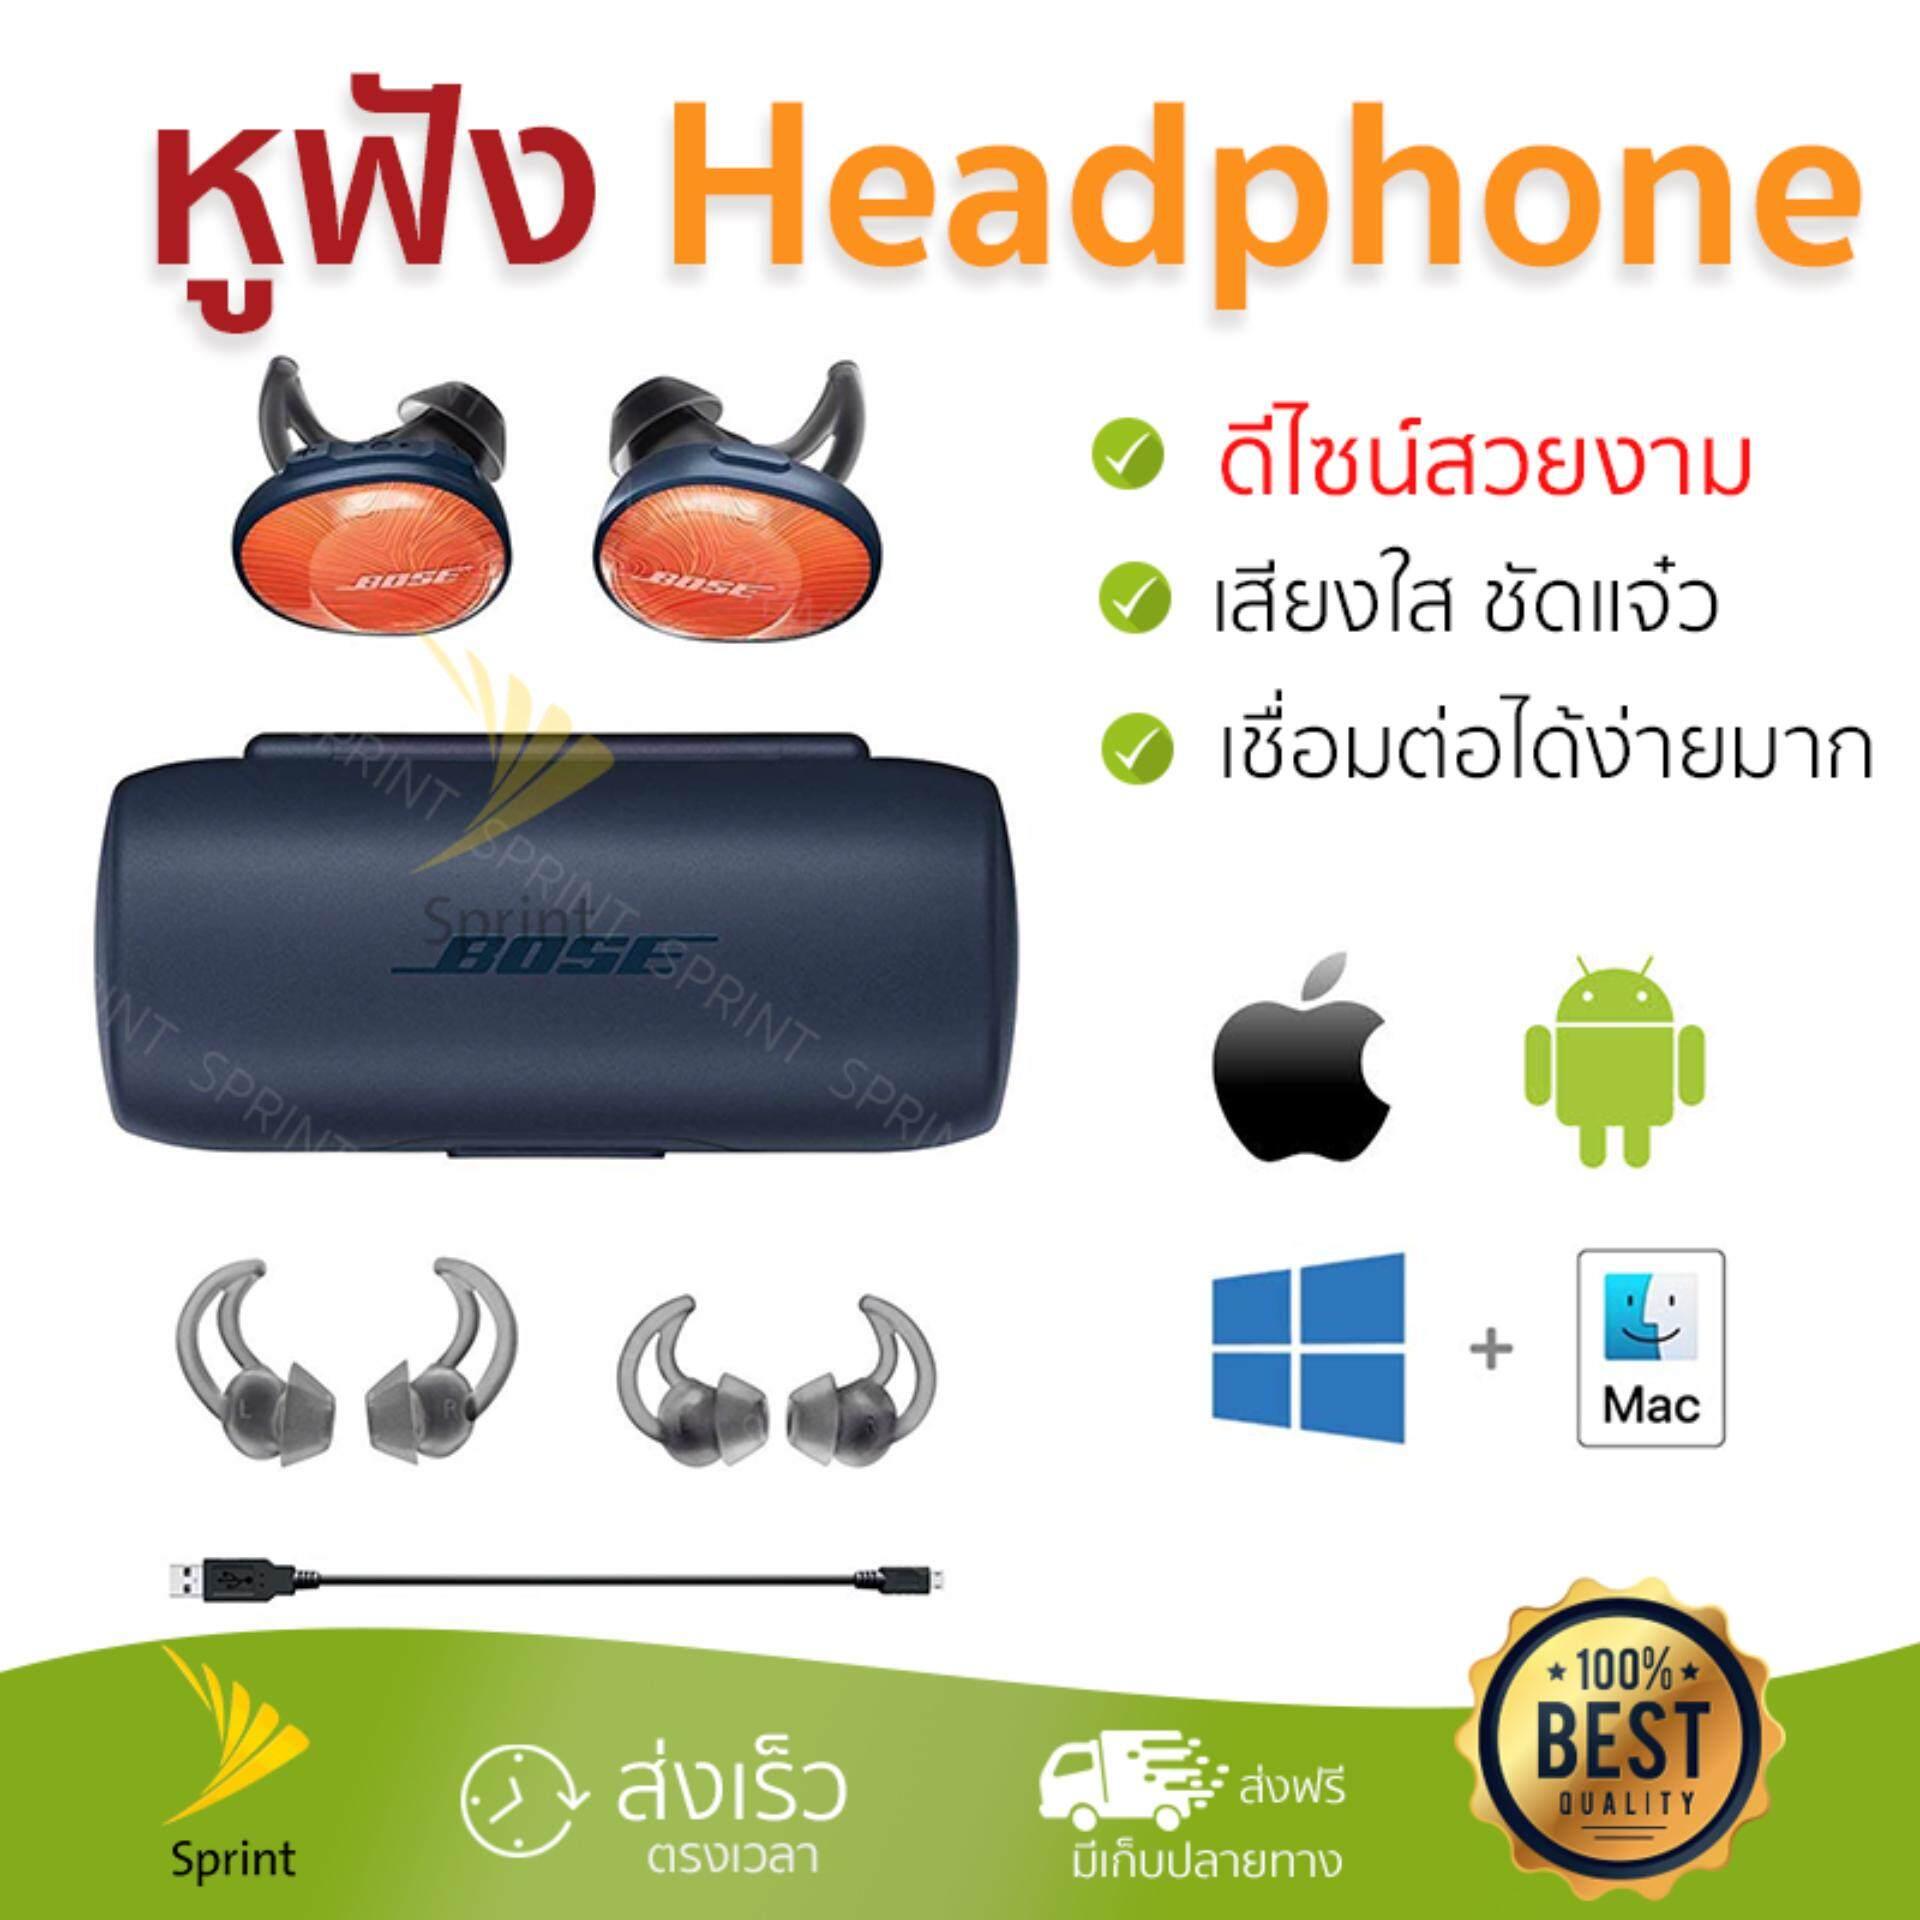 ยี่ห้อไหนดี  นครพนม ของแท้ หูฟัง Bose SoundSport Free Wireless Headphones Orange เบสหนัก เสียงใส คุณภาพเกินตัว Headphone รับประกัน 1 ปี จัดส่งฟรีทั่วประเทศ